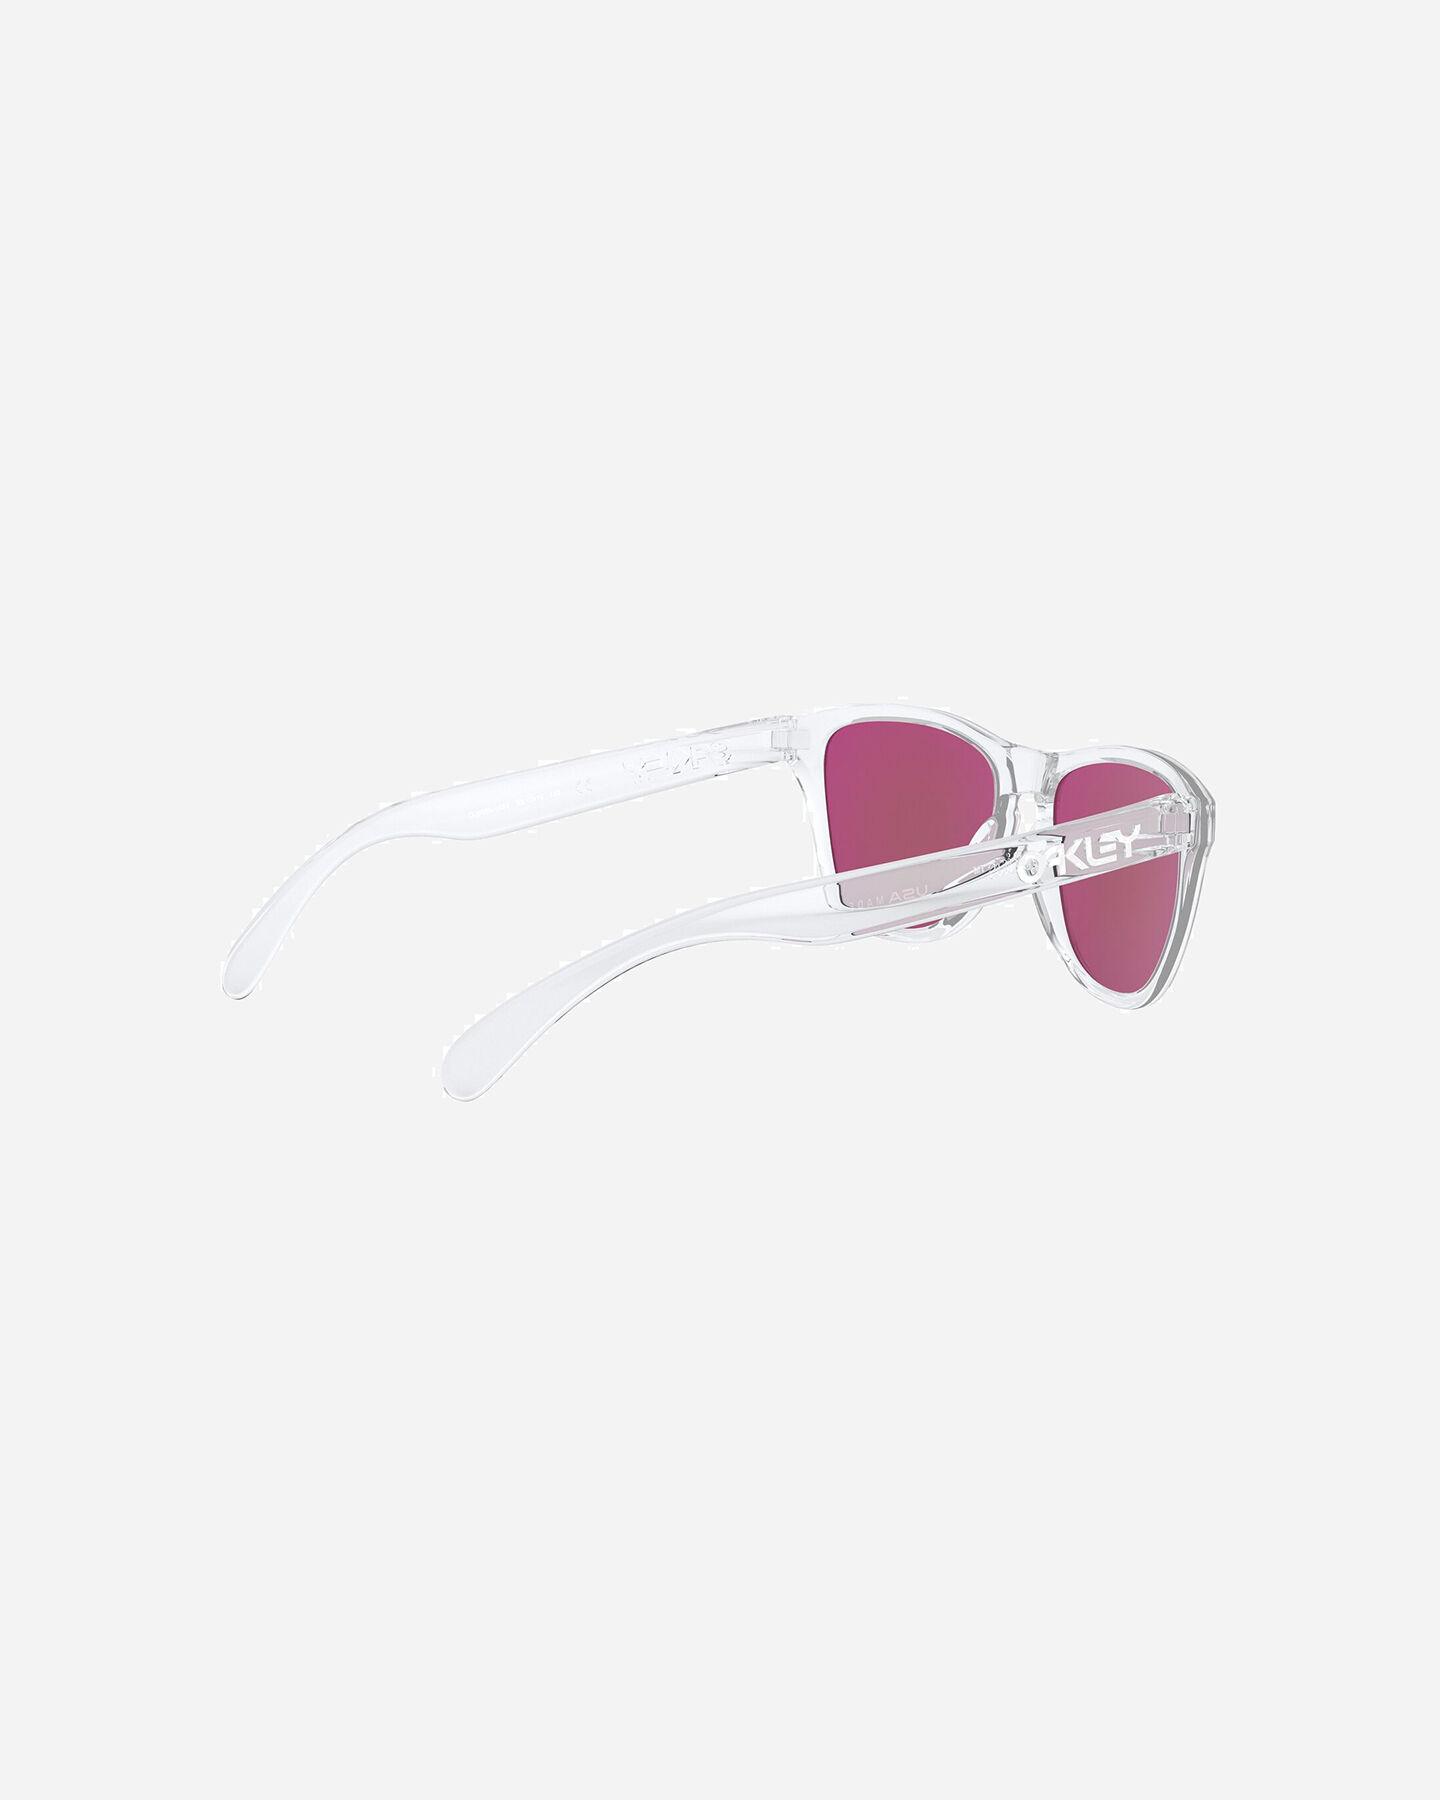 Occhiali OAKLEY FROGSKIN XS W S5221210 1453 53 scatto 3